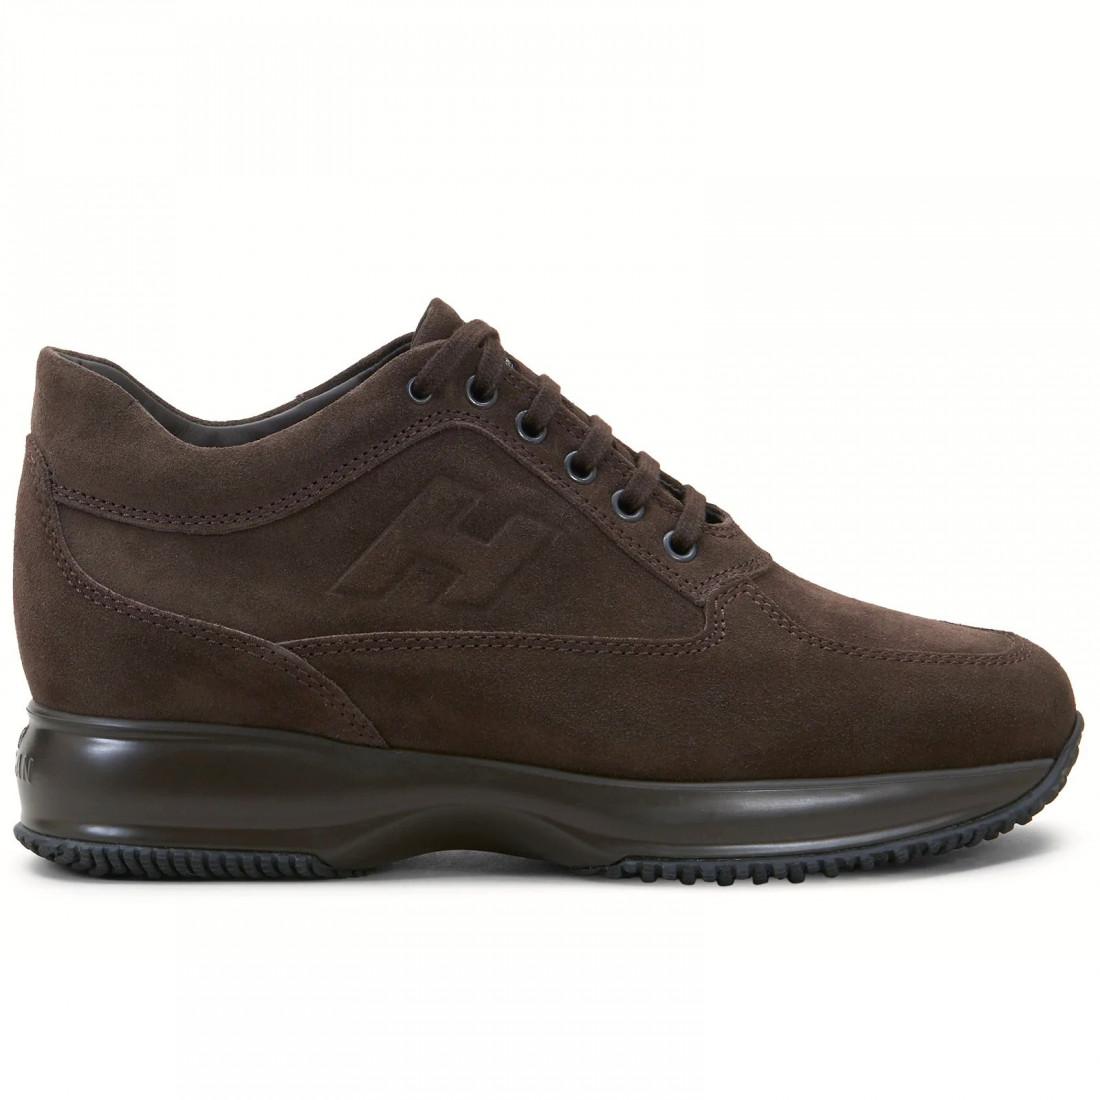 sneakers uomo hogan hxm00n09042hg0s807 7567